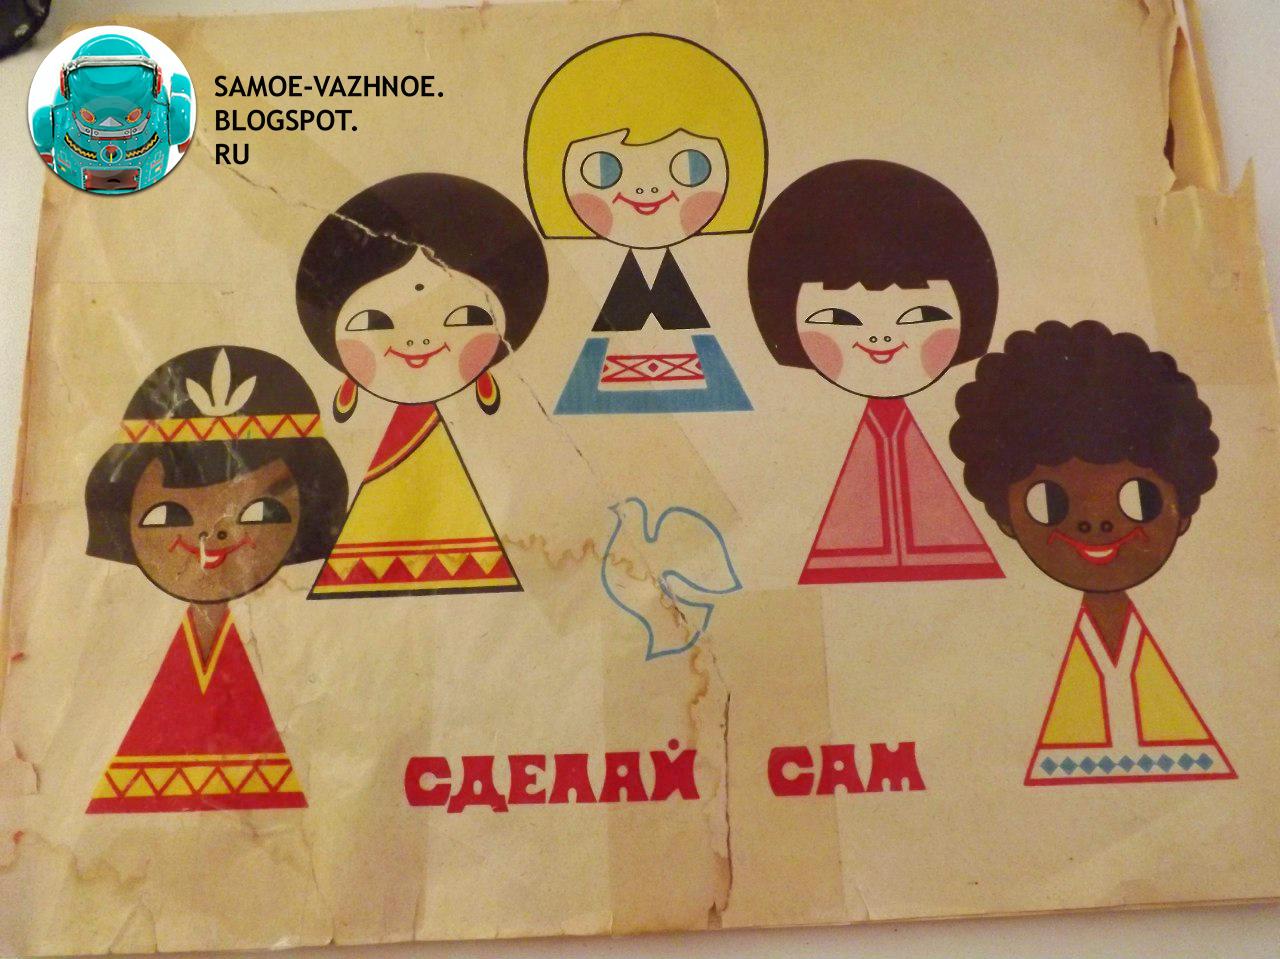 Советская самоделка куклы, народы мира, национальности. Альбом самоделок советский СССР. Сделай сам национальные костюмы, куклы, дети СССР, советский из детства.